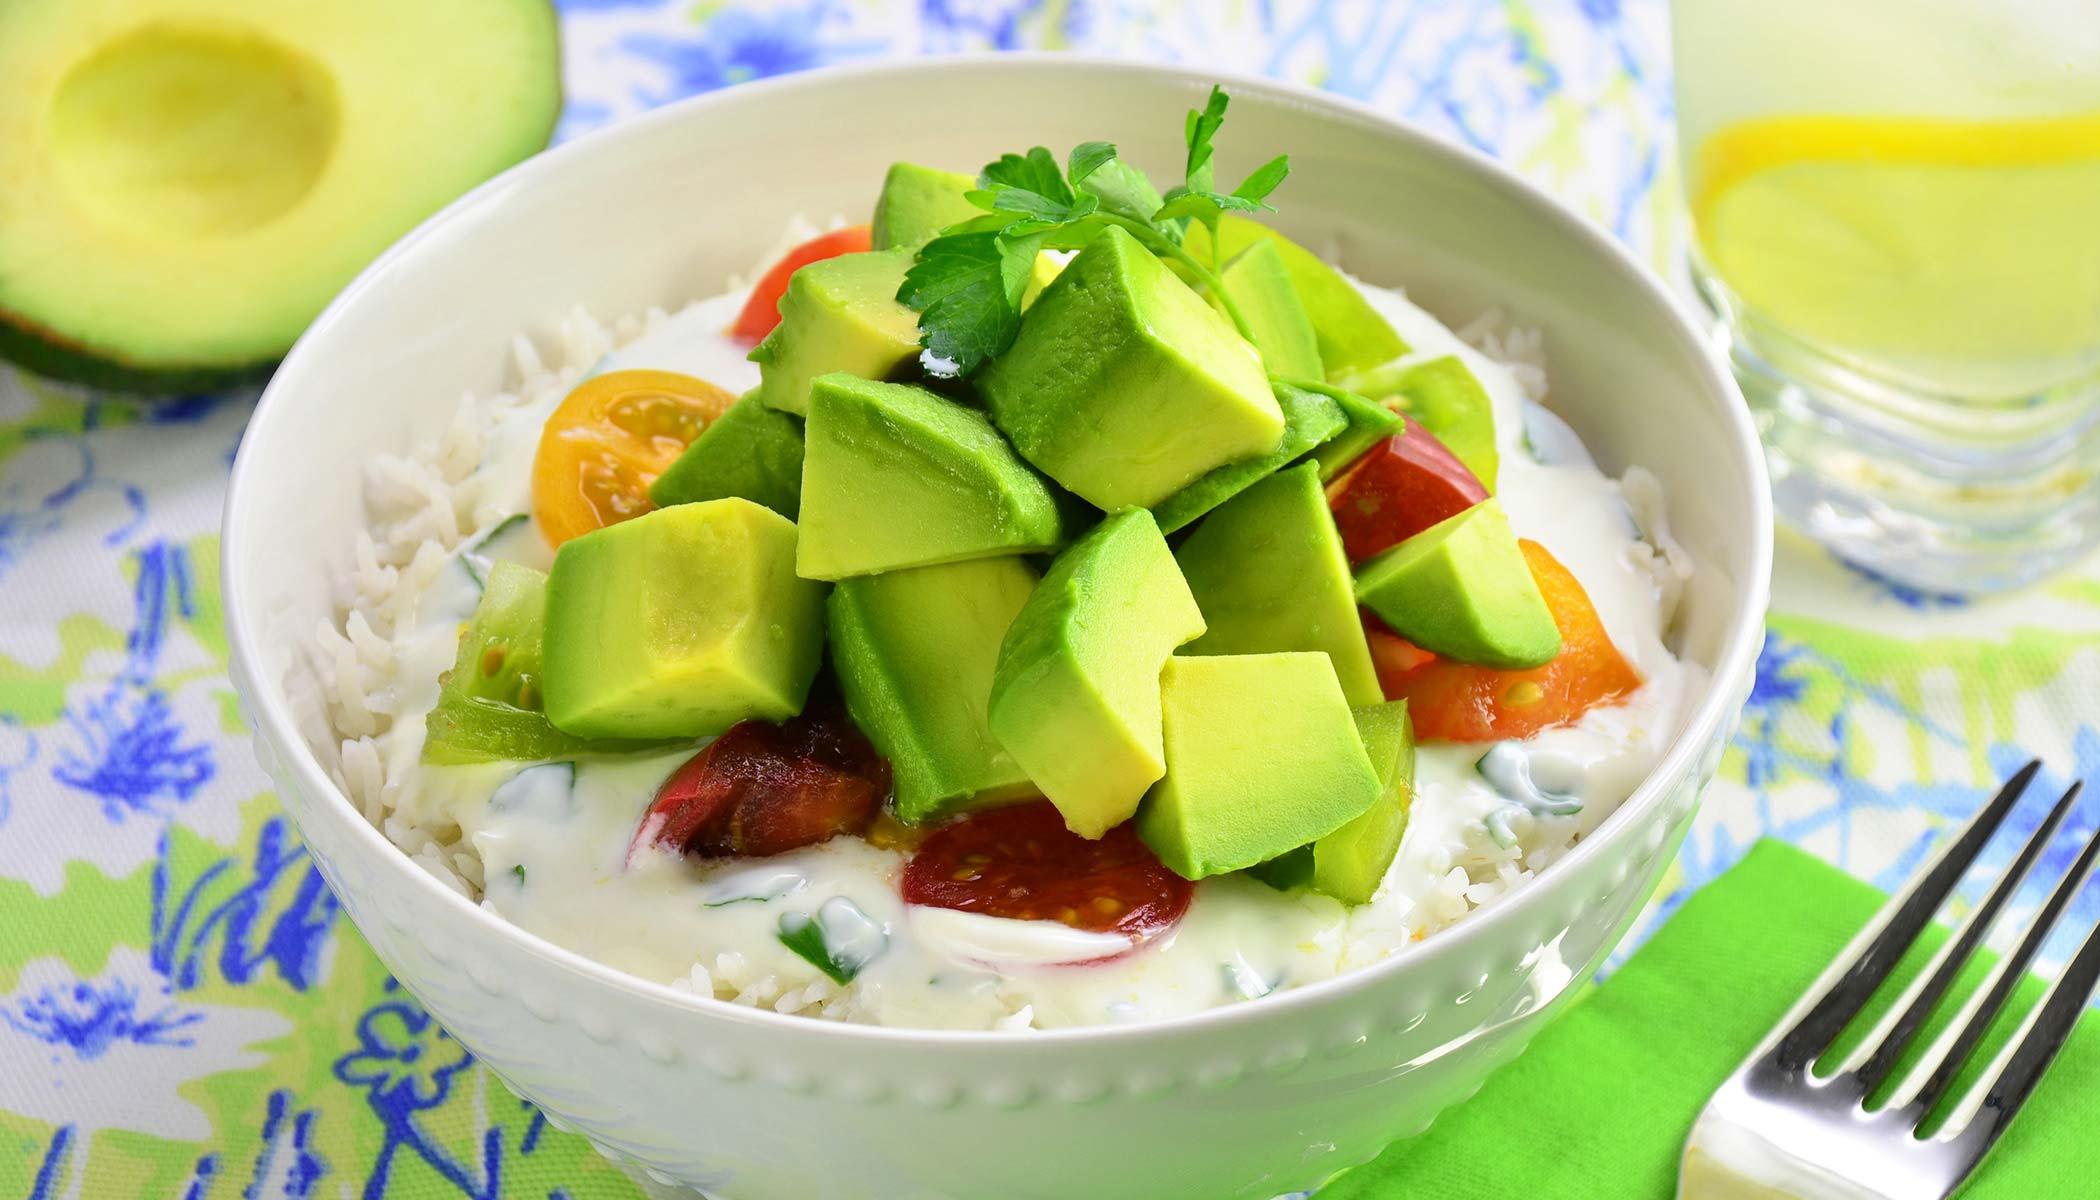 Avocado Bowl with Yogurt Sauce